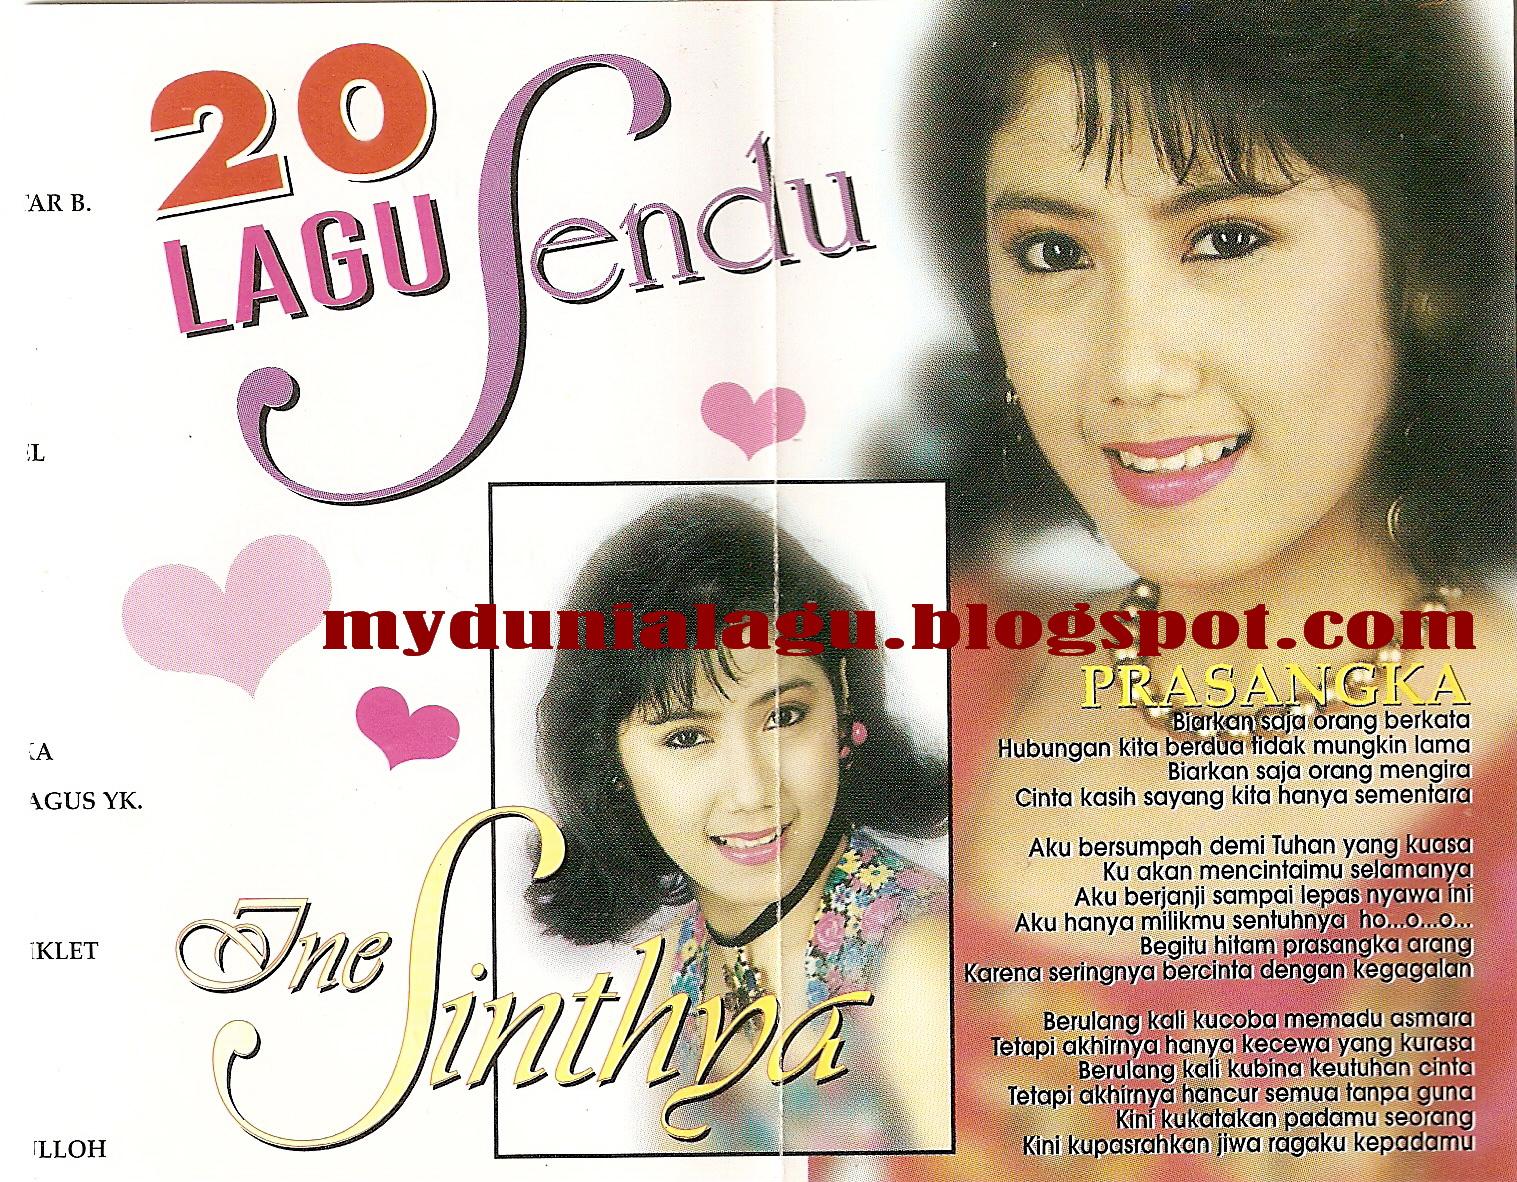 Diposkan oleh INFO MUSIC INDONESIA di 22.53